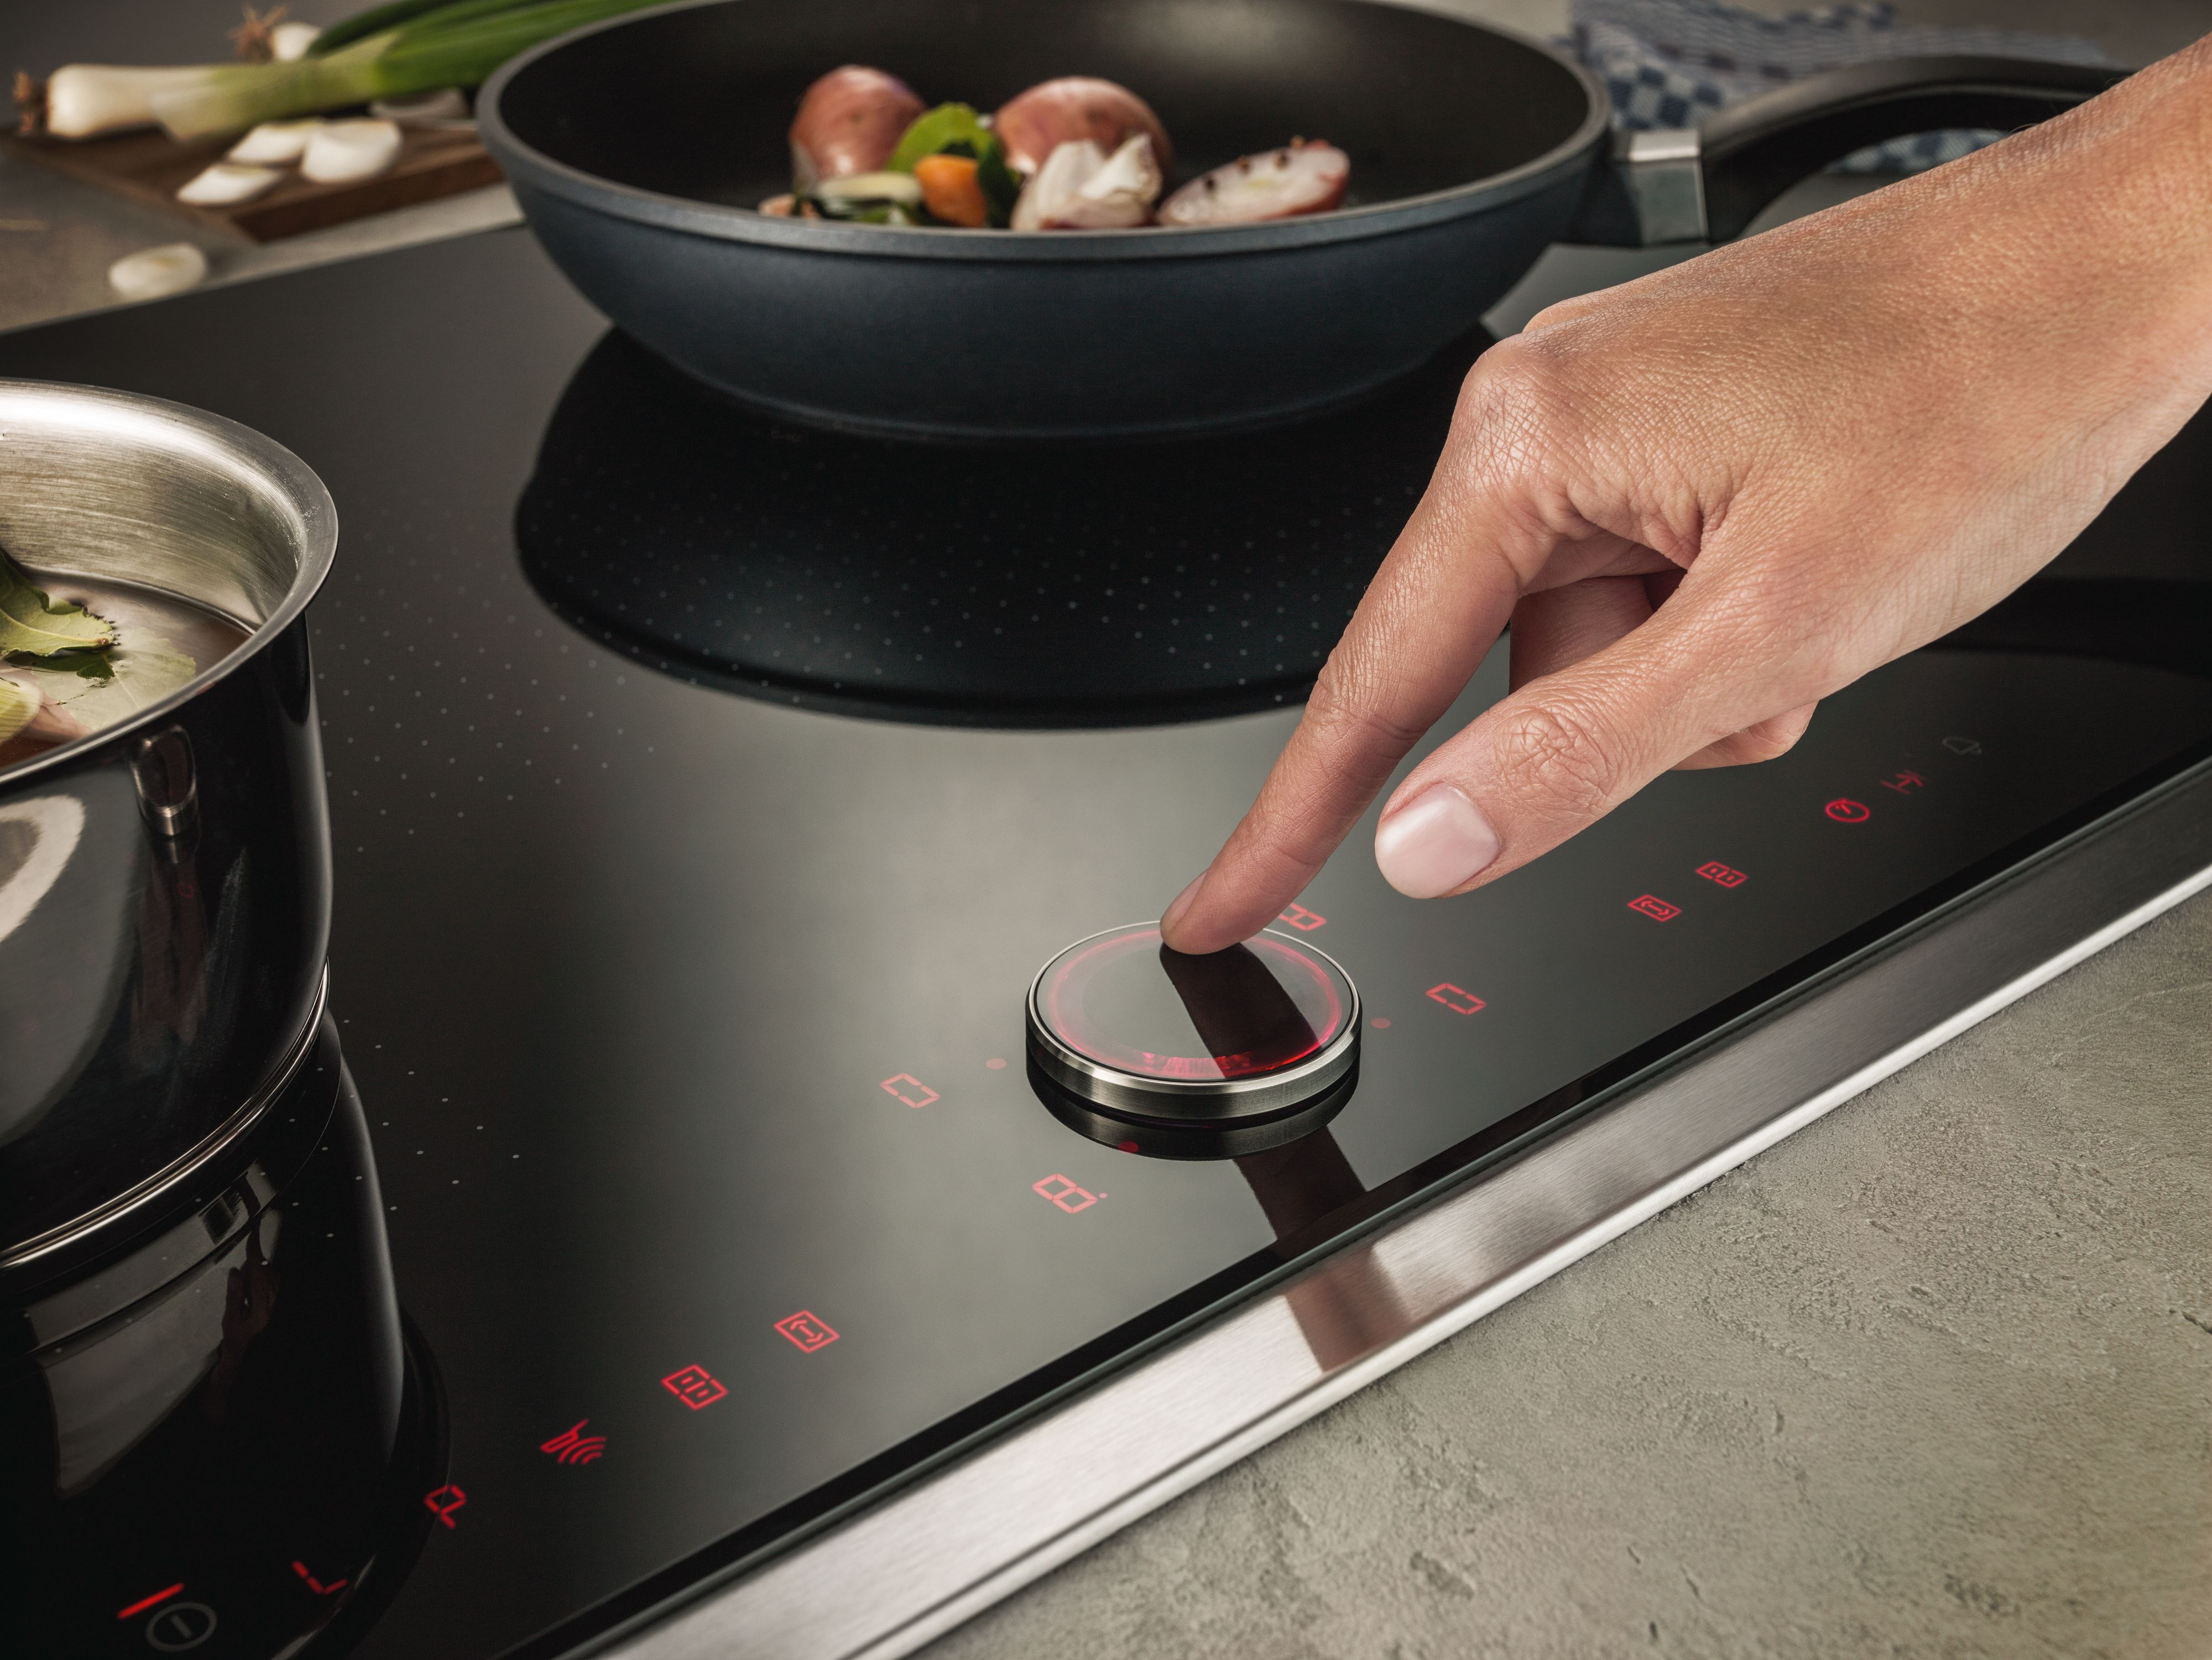 посуда для индукционной плиты фото